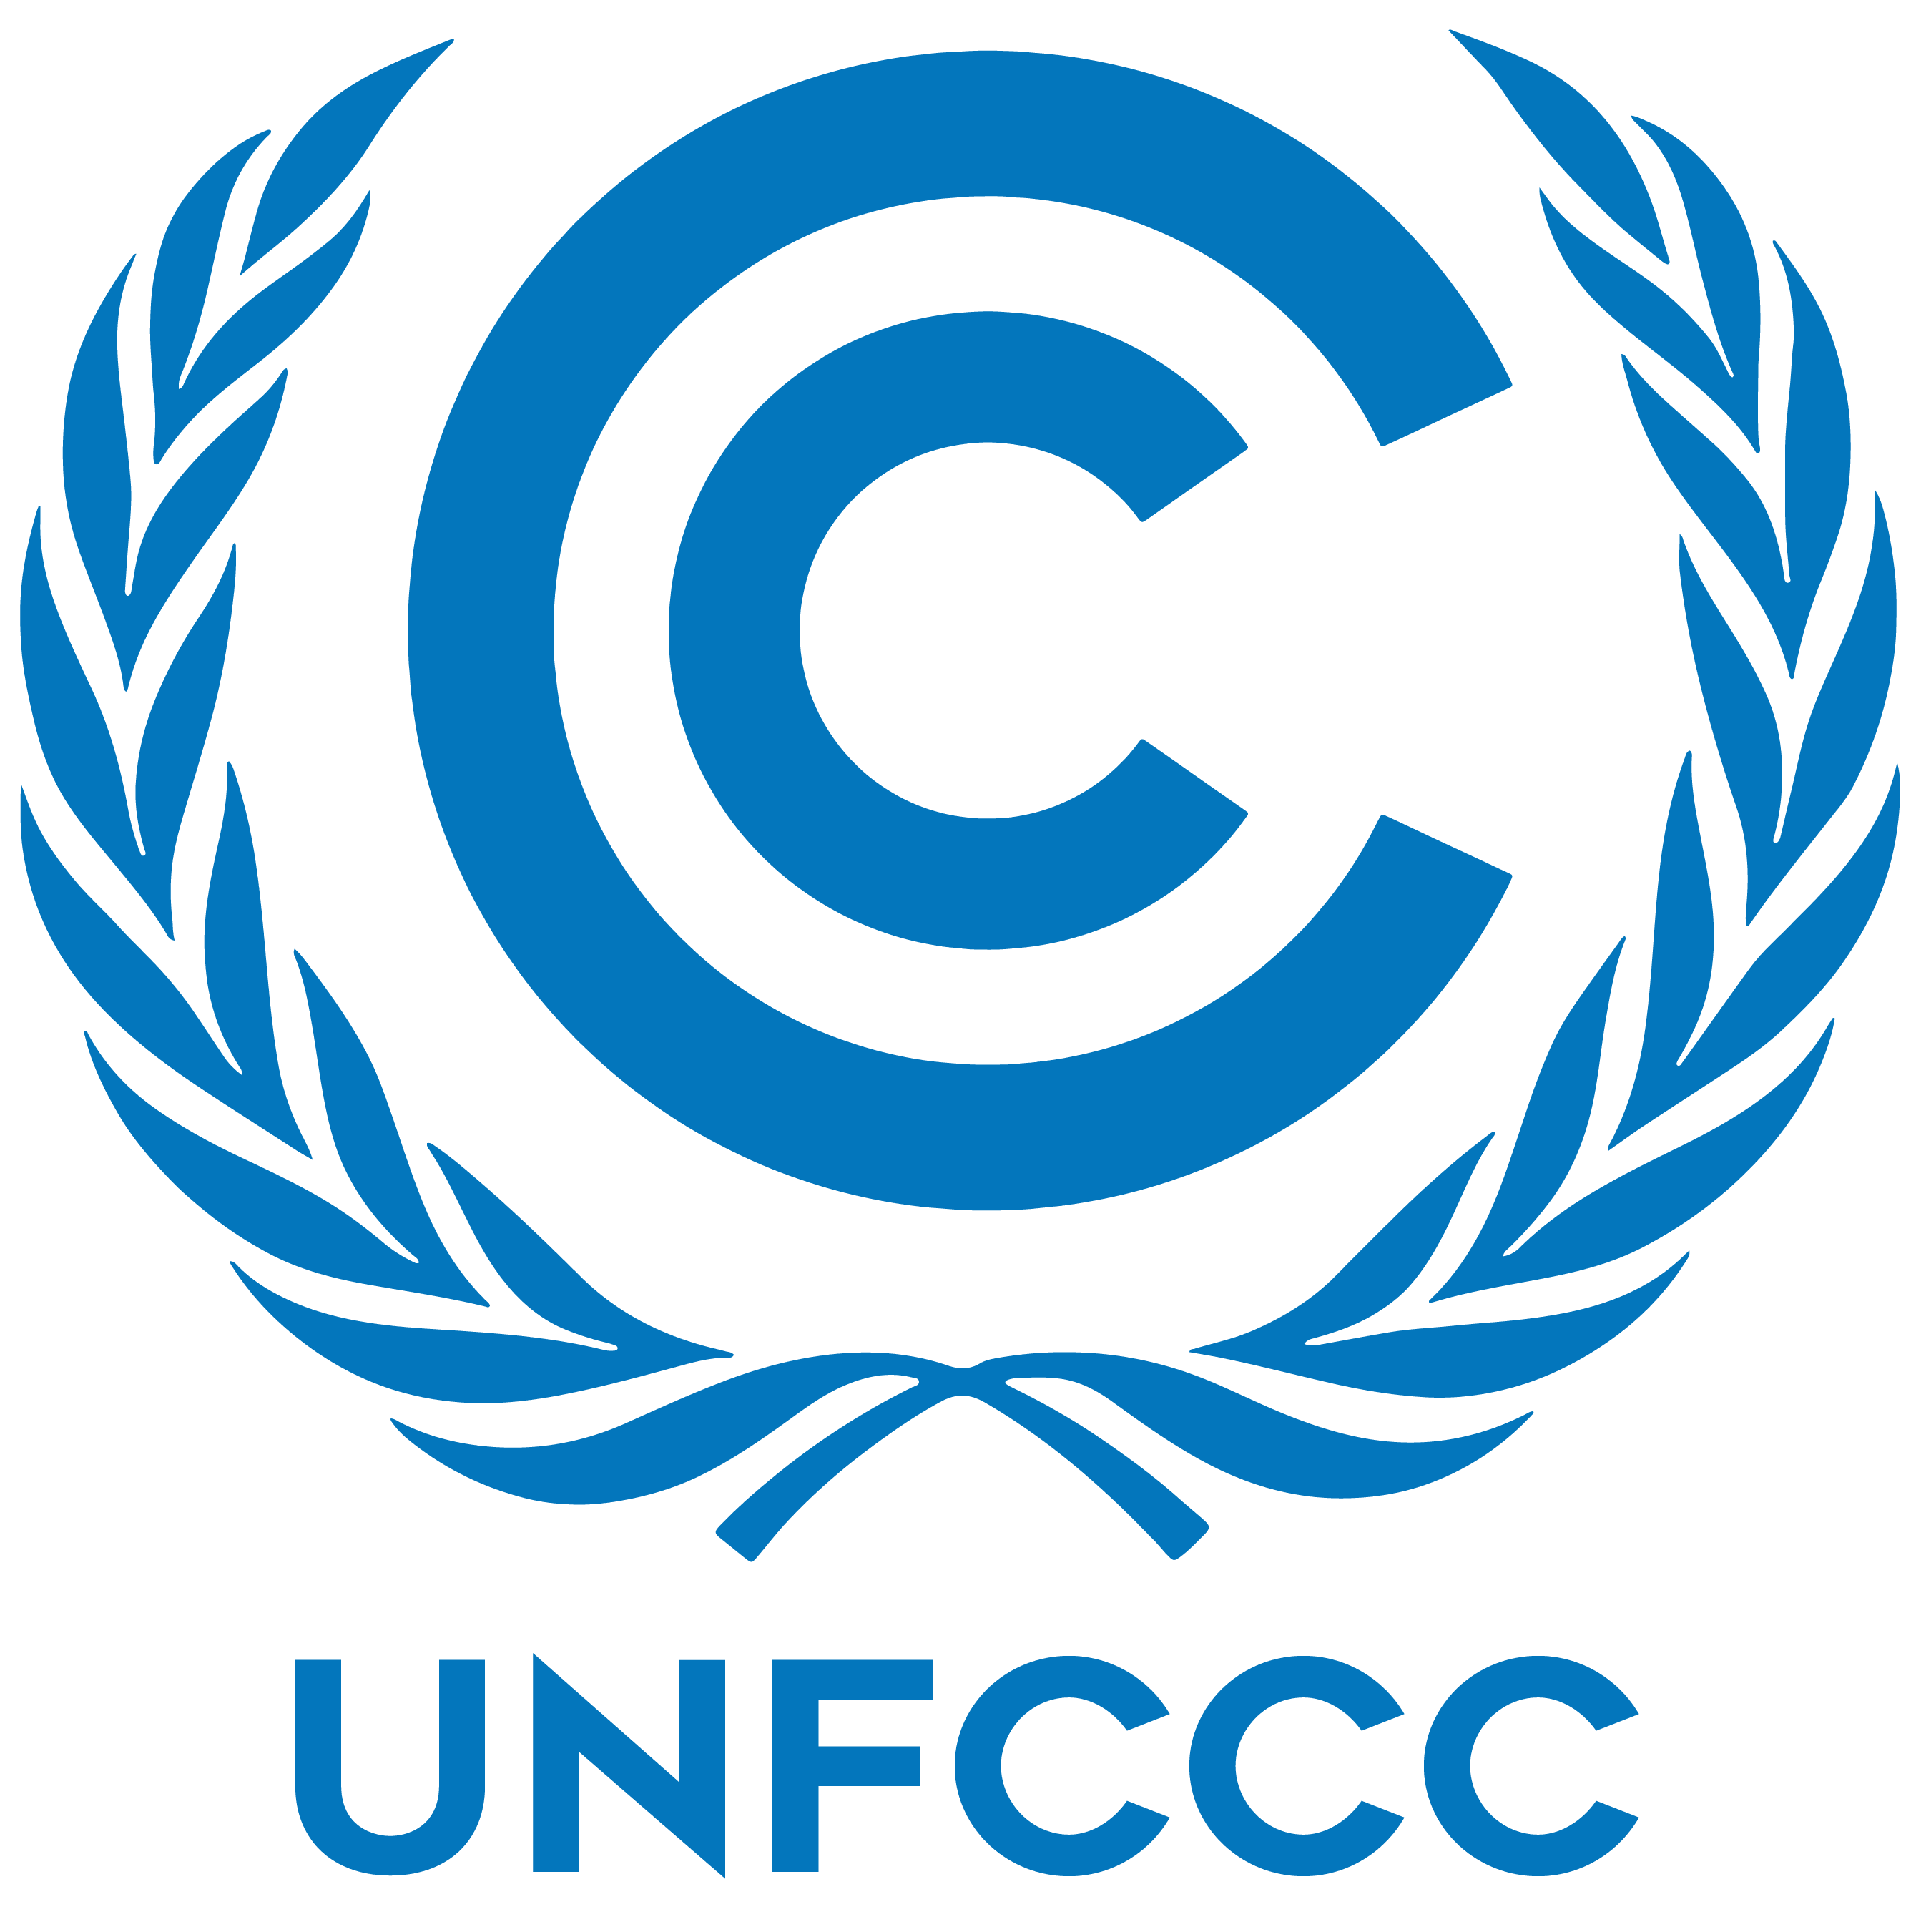 Logo of UNFCCC